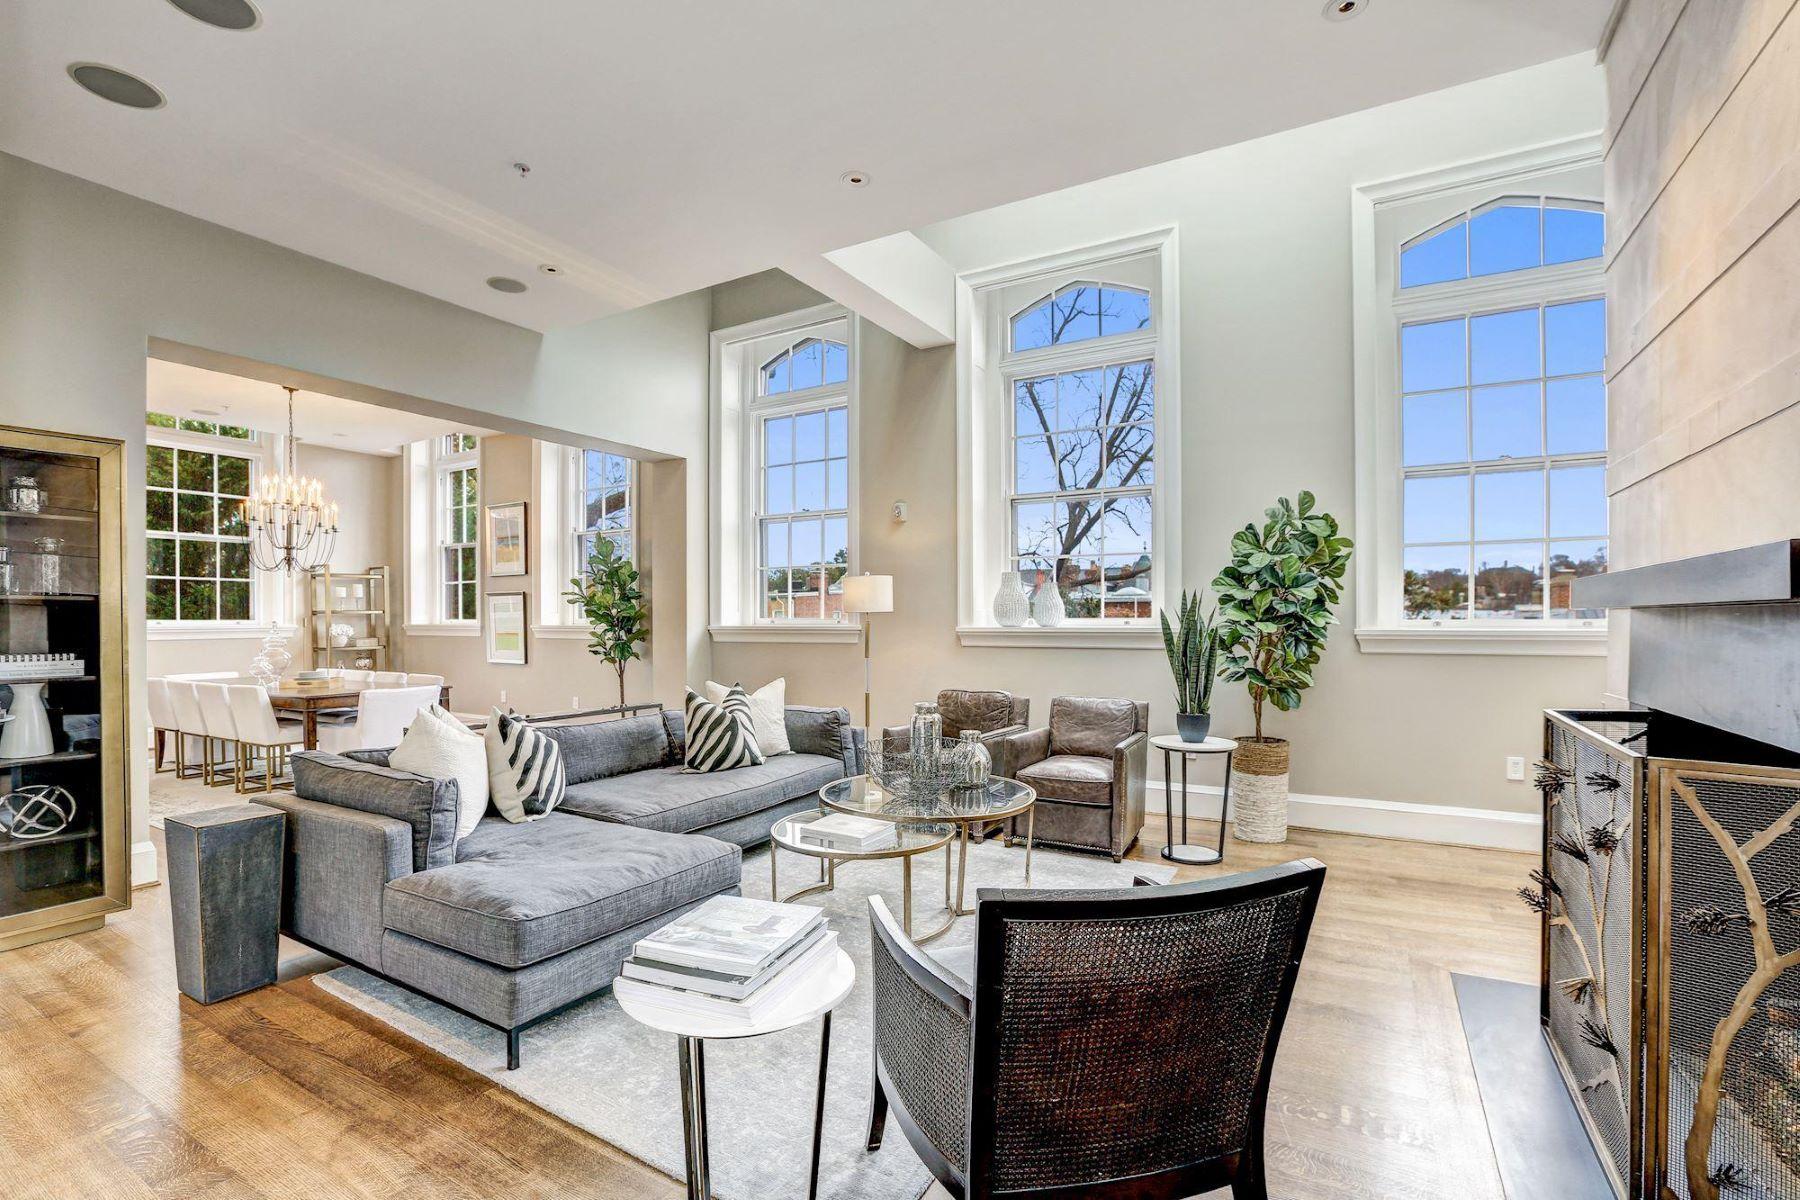 Condominiums 为 销售 在 3329 Prospect St Nw ##penthouse 6 3329 Prospect St Nw #penthouse 6 华盛顿市, 哥伦比亚特区 20007 美国